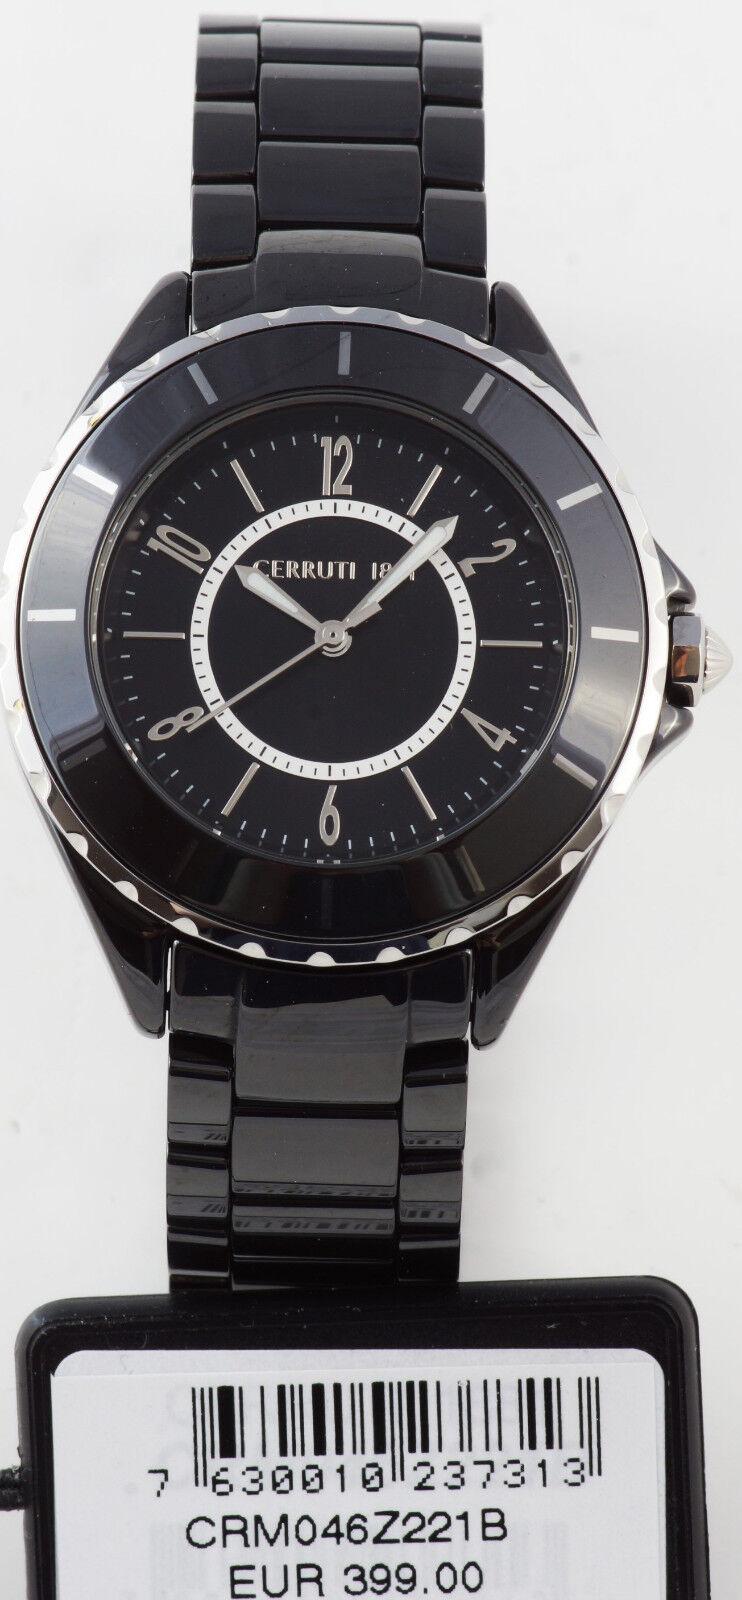 Cerruti 1881 Damen Uhr Damenuhr schwarz Keramik Ceramik NEU CRM046Z221B C104